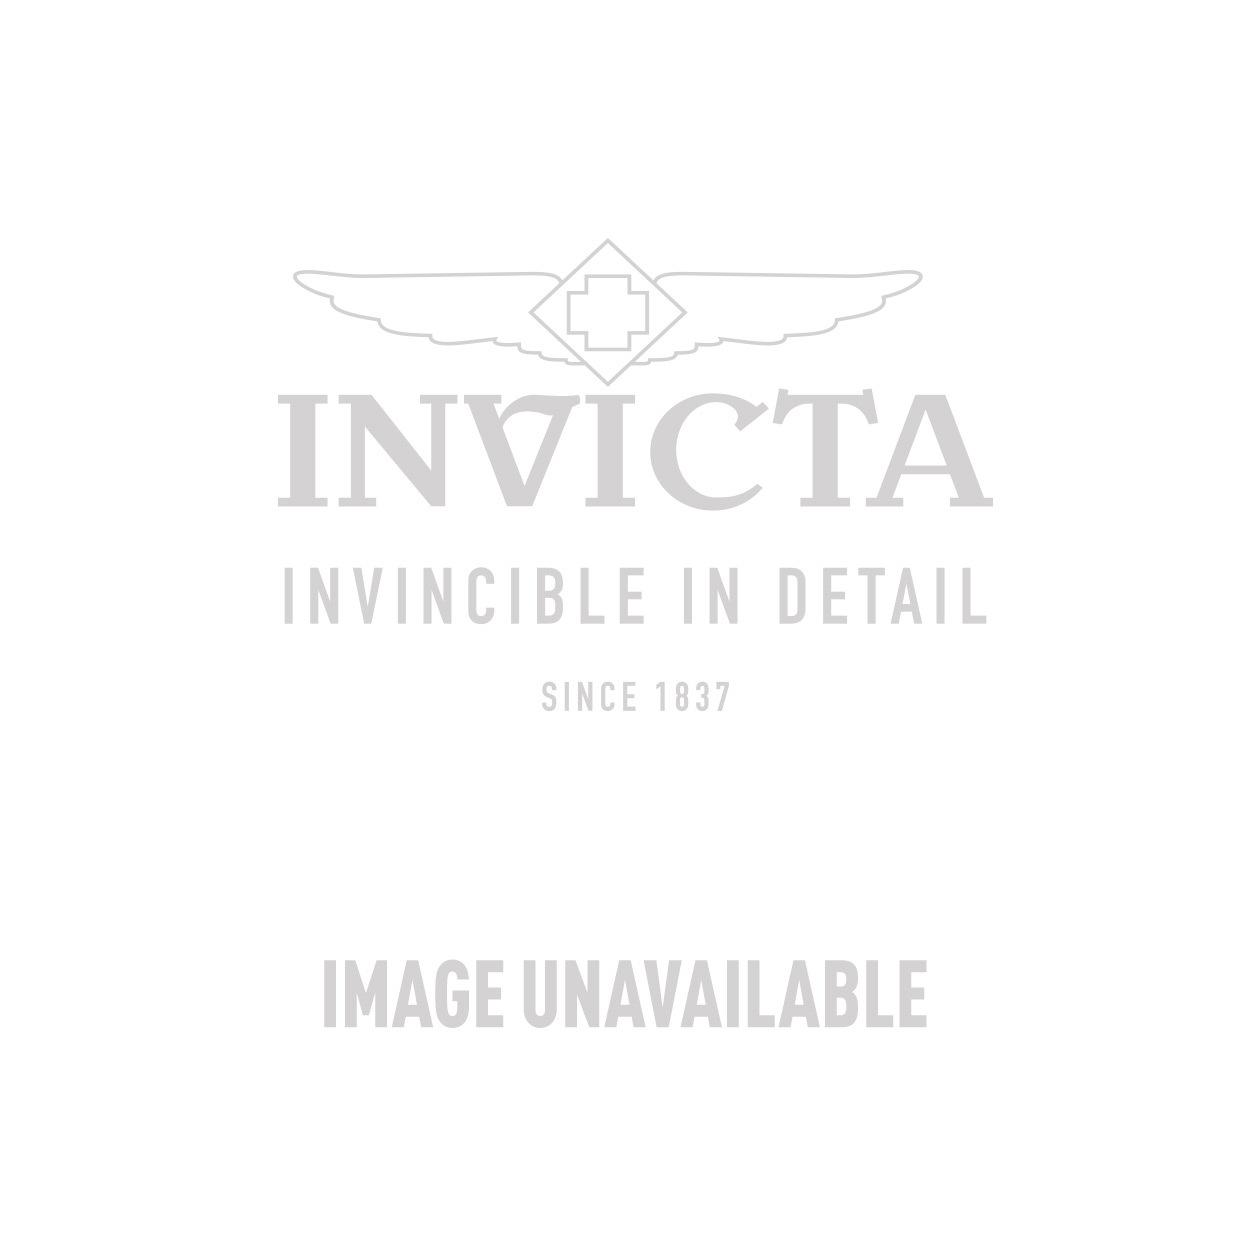 Invicta Model 24737